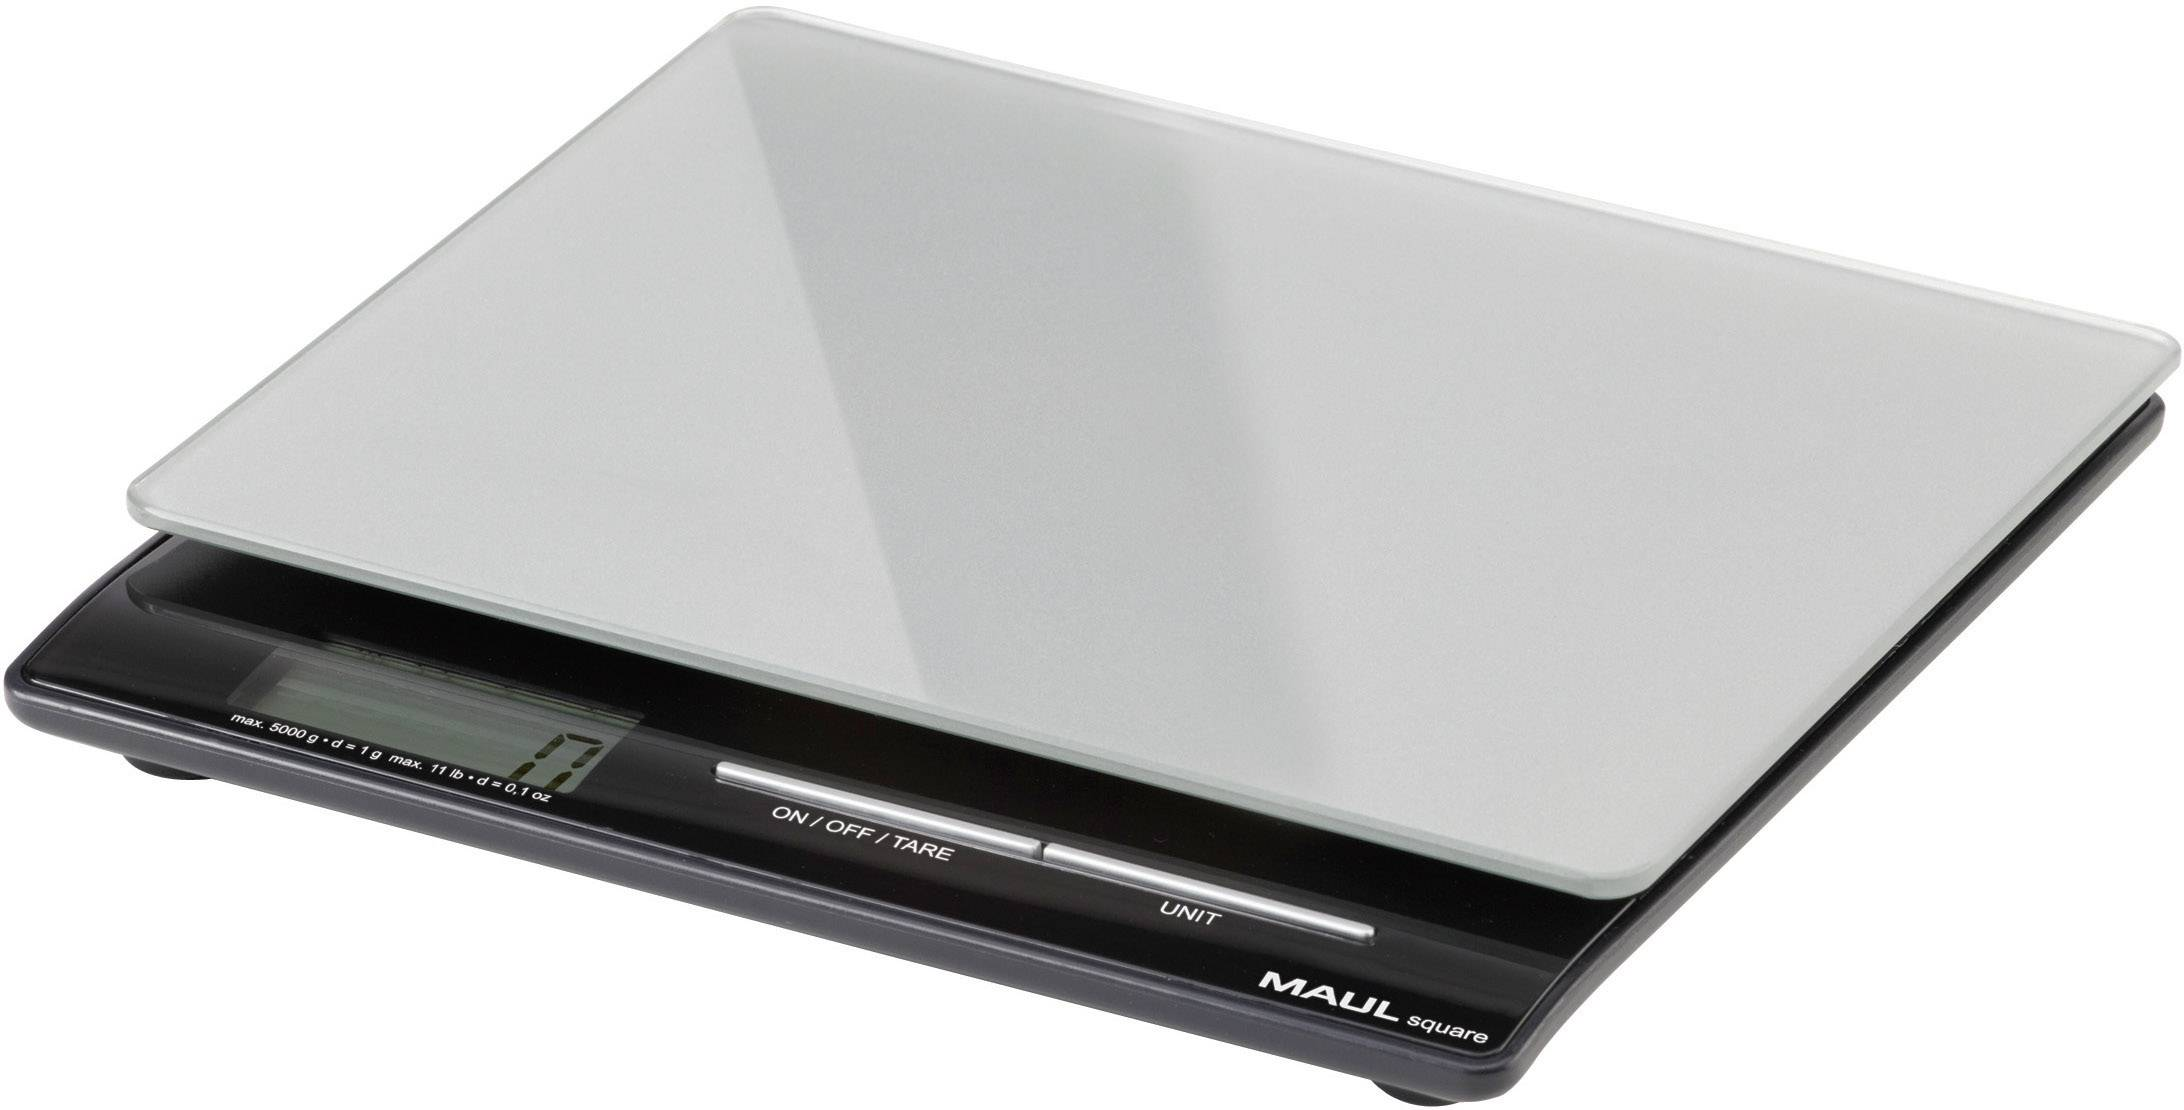 Váha na dopisy Maul, 5 kg, kalibrováno dle ISO